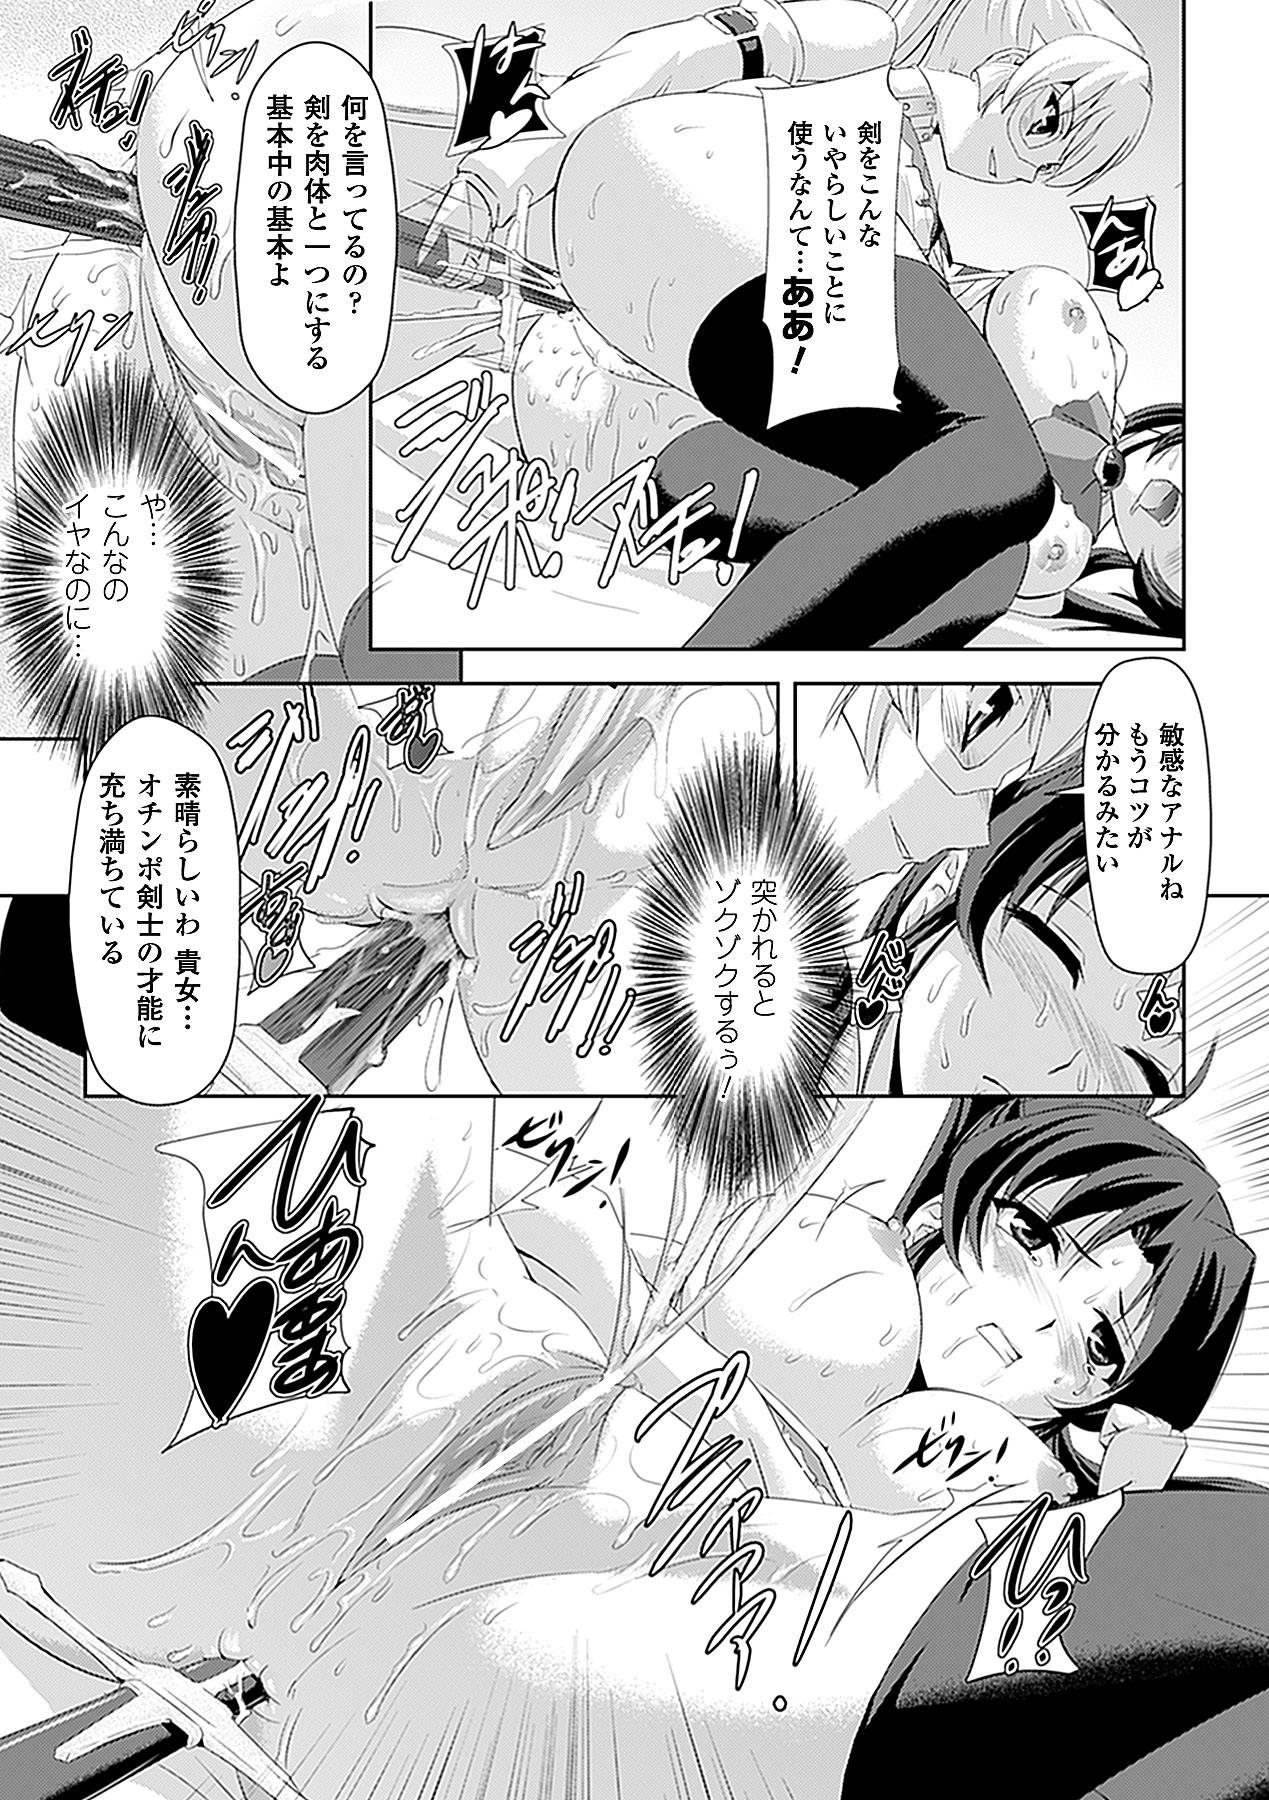 Shirayuri no Kenshi 38